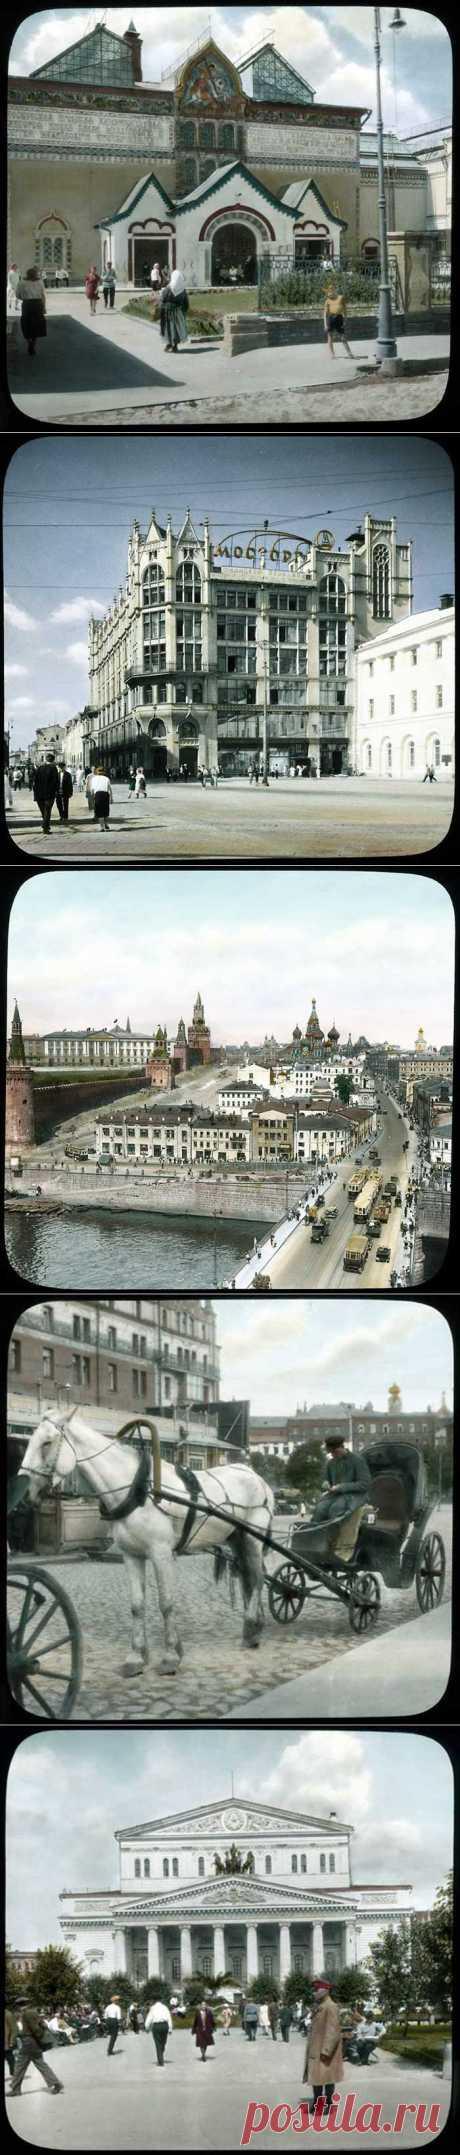 Москва 20-30 х годов прошлого века, запечатленная в цветных фото Брэнсоном Деку (Branson DeCou). | Я так вижу